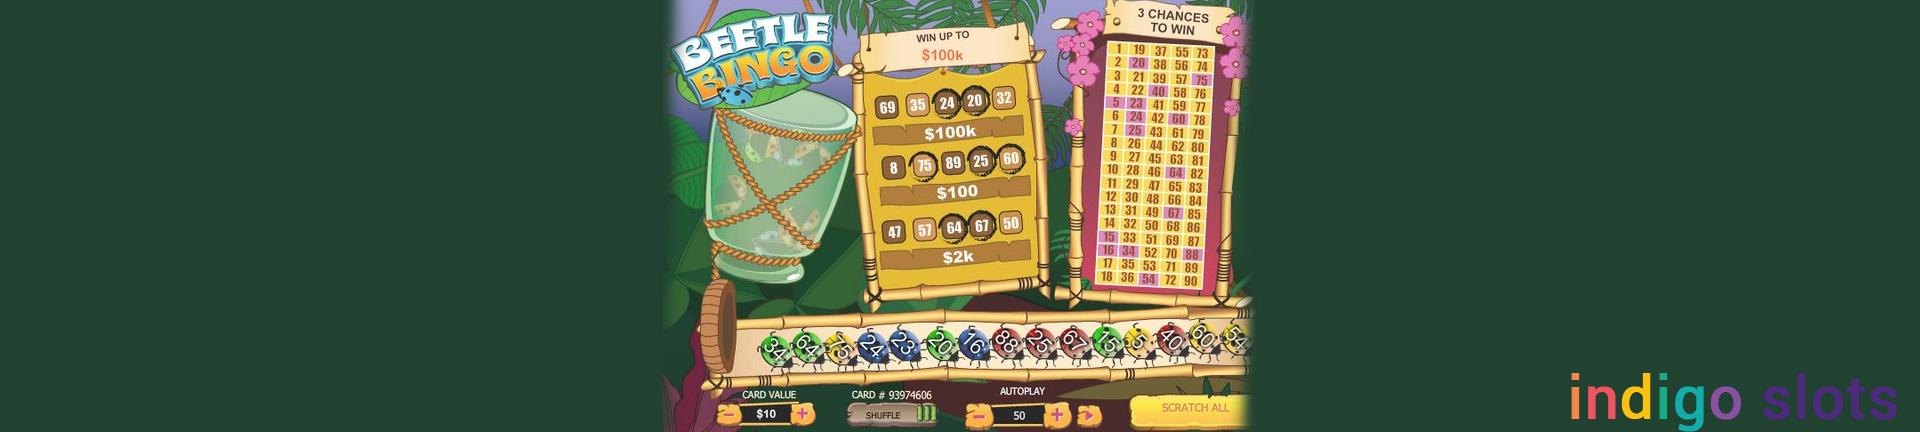 Bingo online slot.